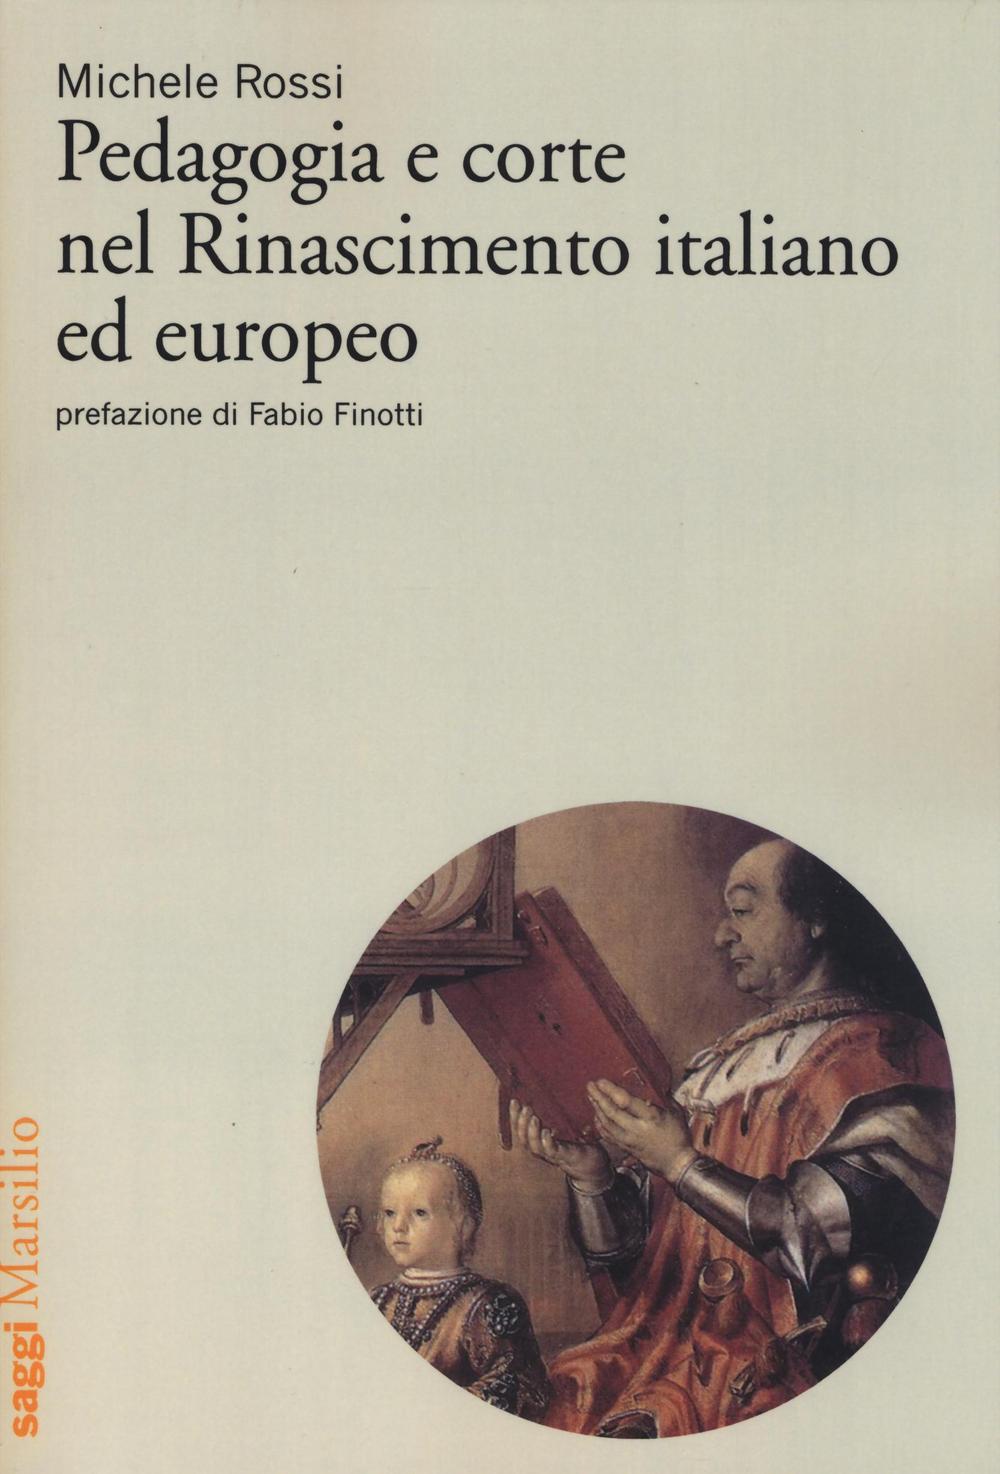 Pedagogia e corte nel Rinascimento italiano ed europeo.